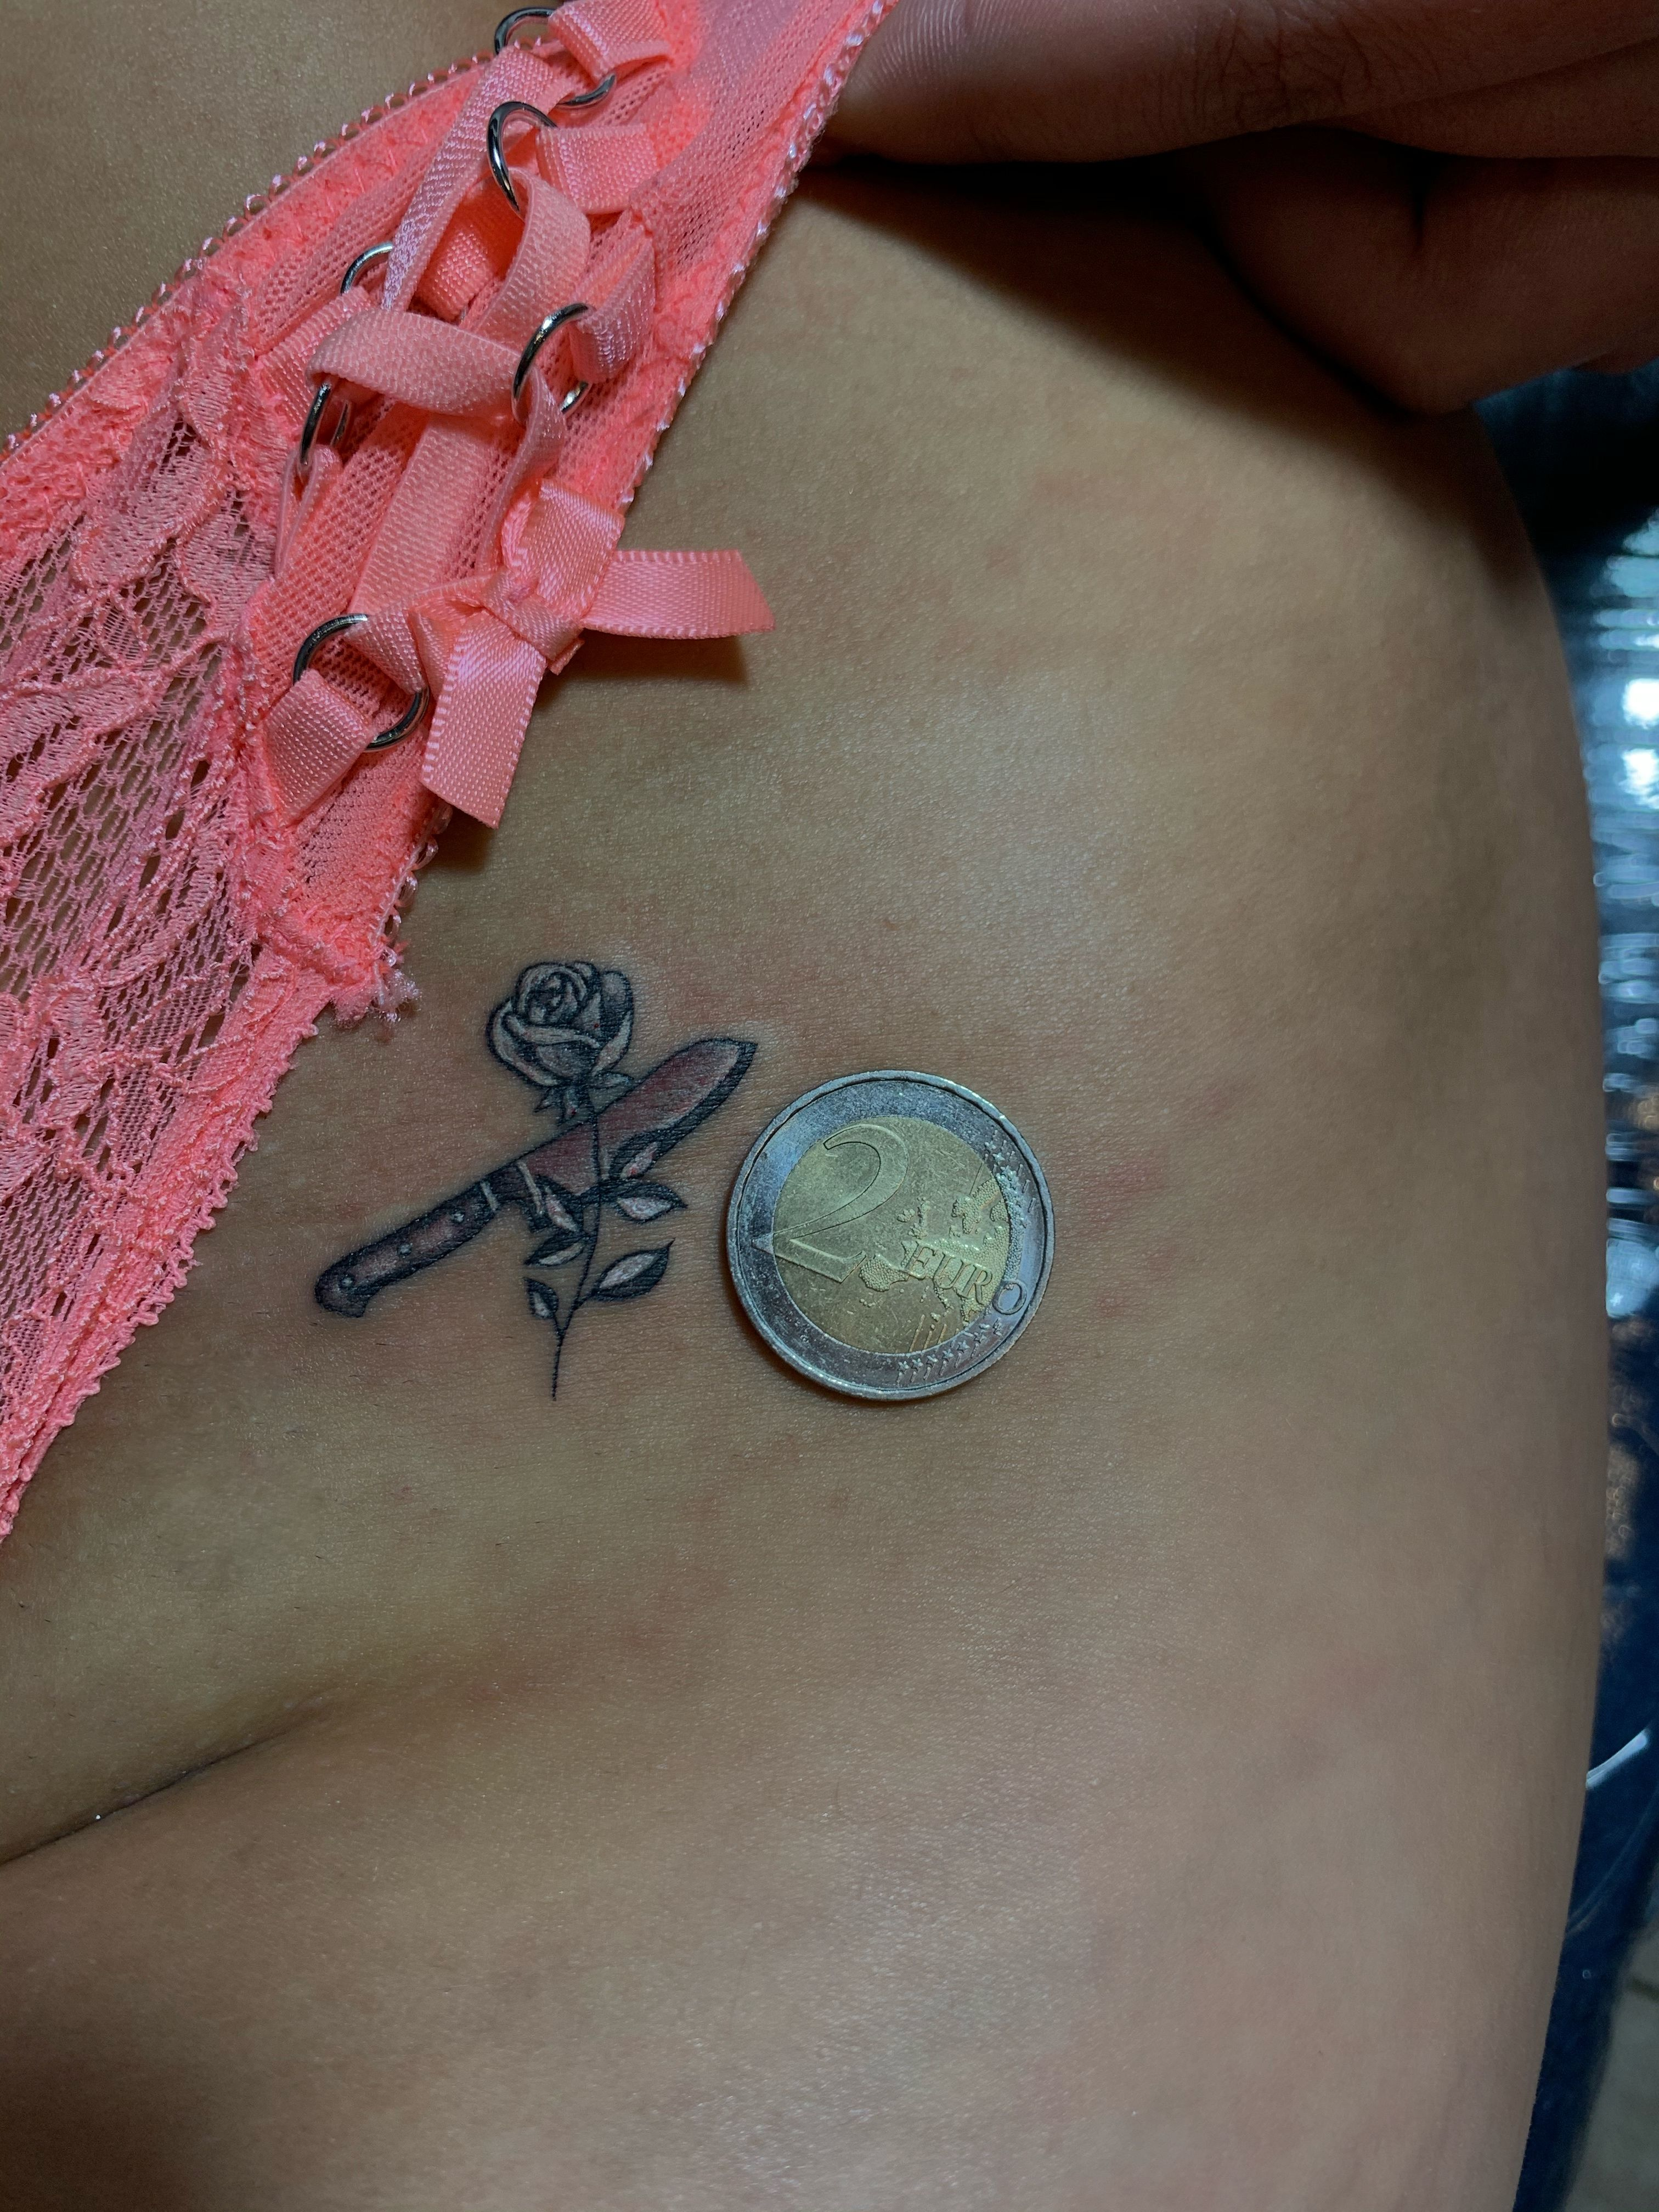 Tattoos bilder intim frau Intim